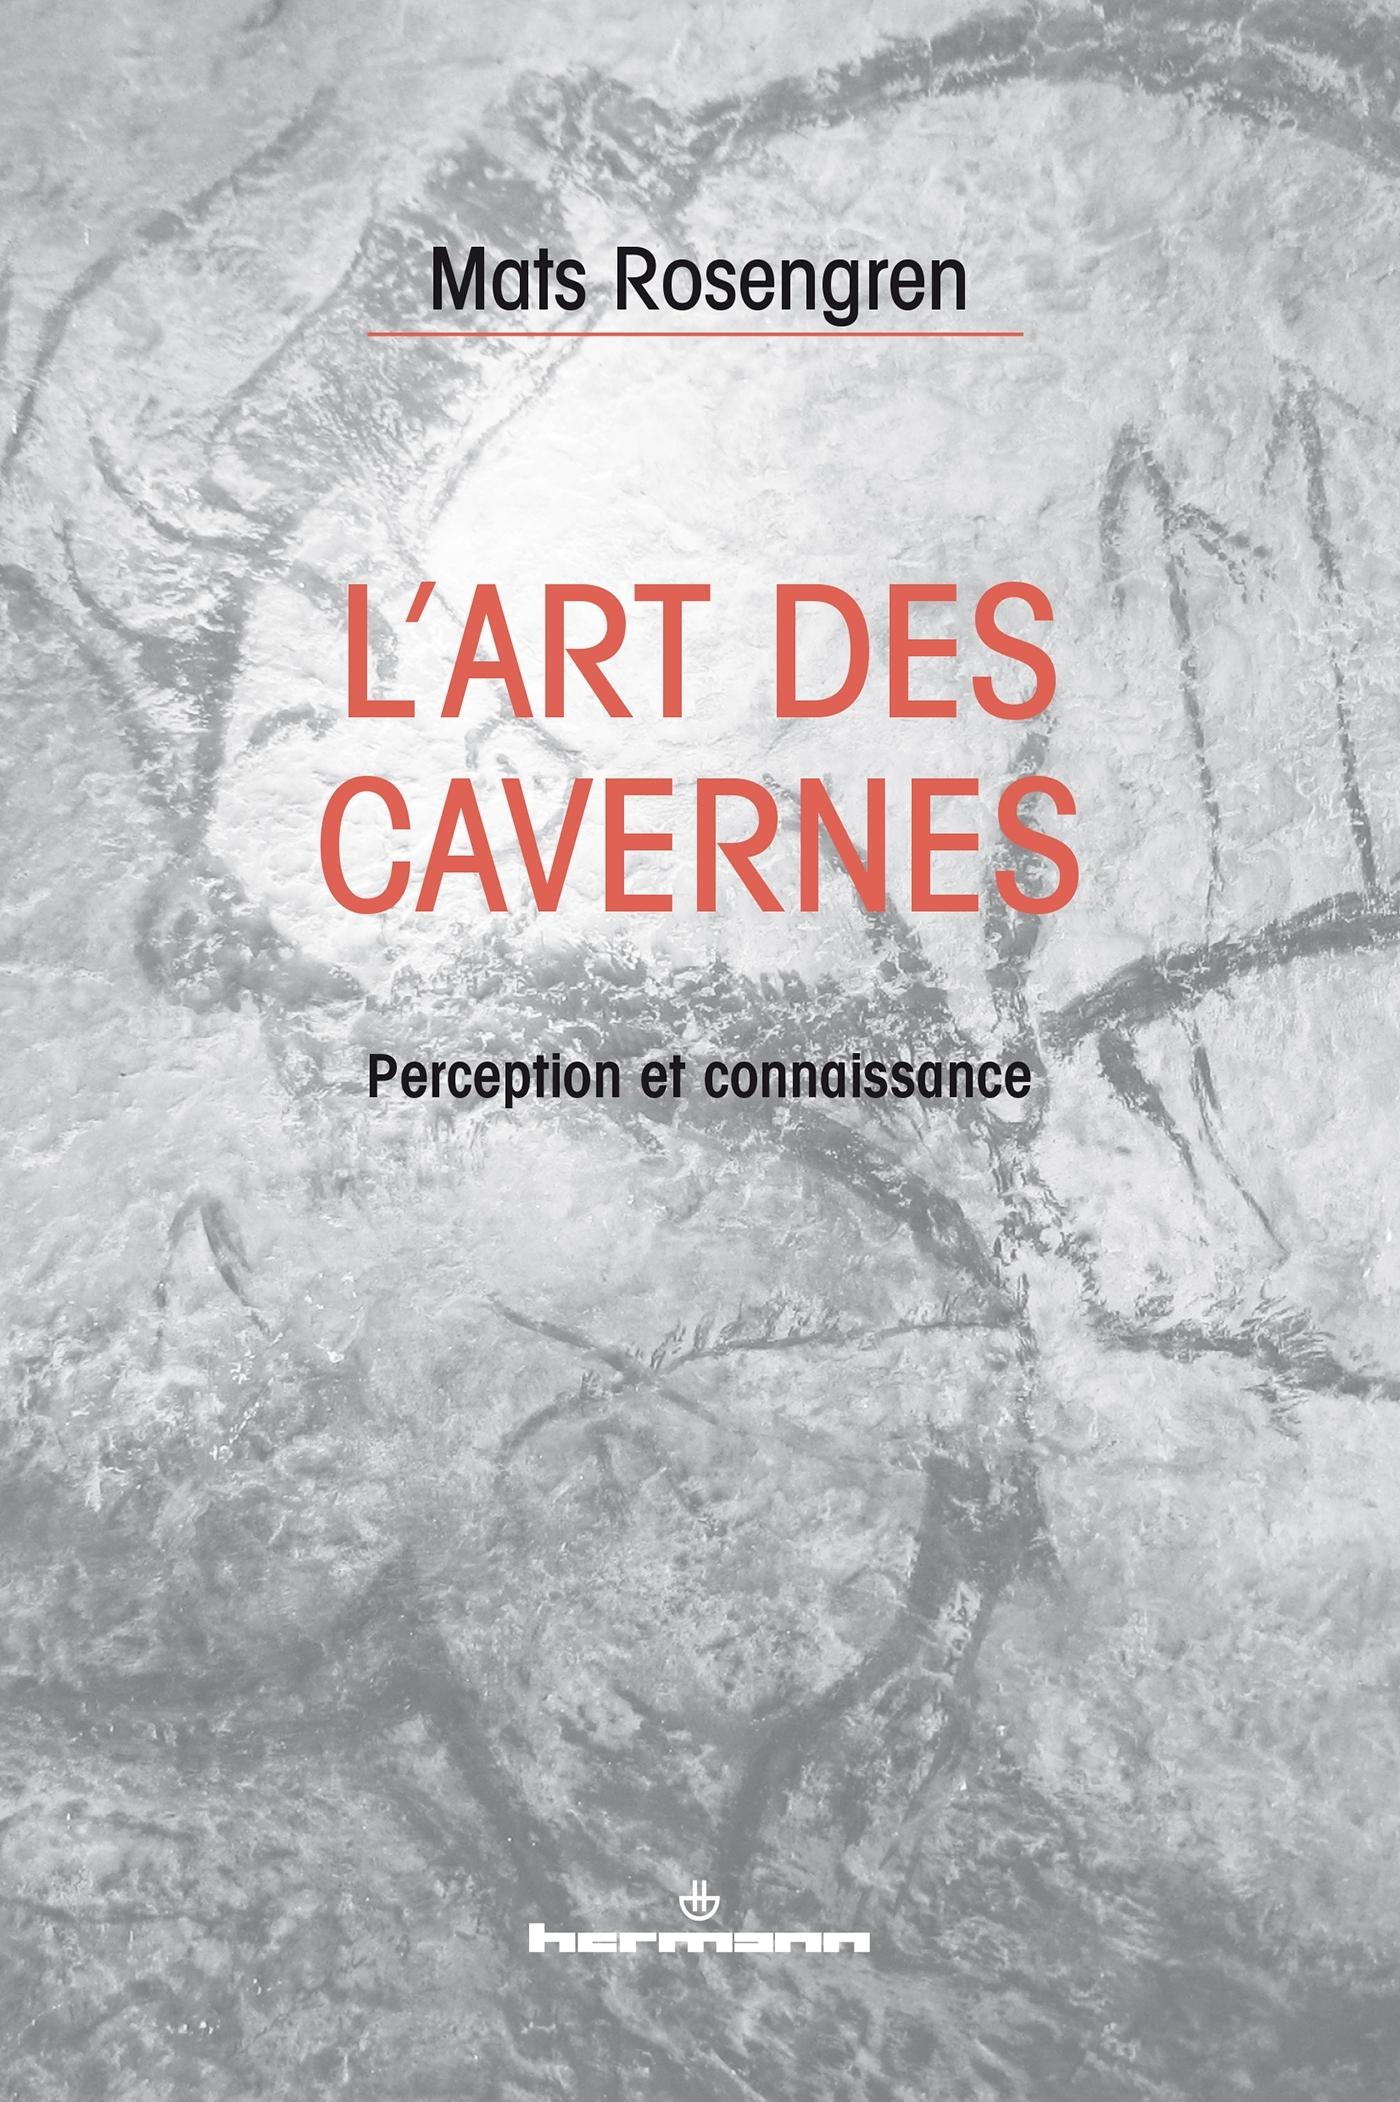 L'ART DES CAVERNES - PERCEPTION ET CONNAISSANCE